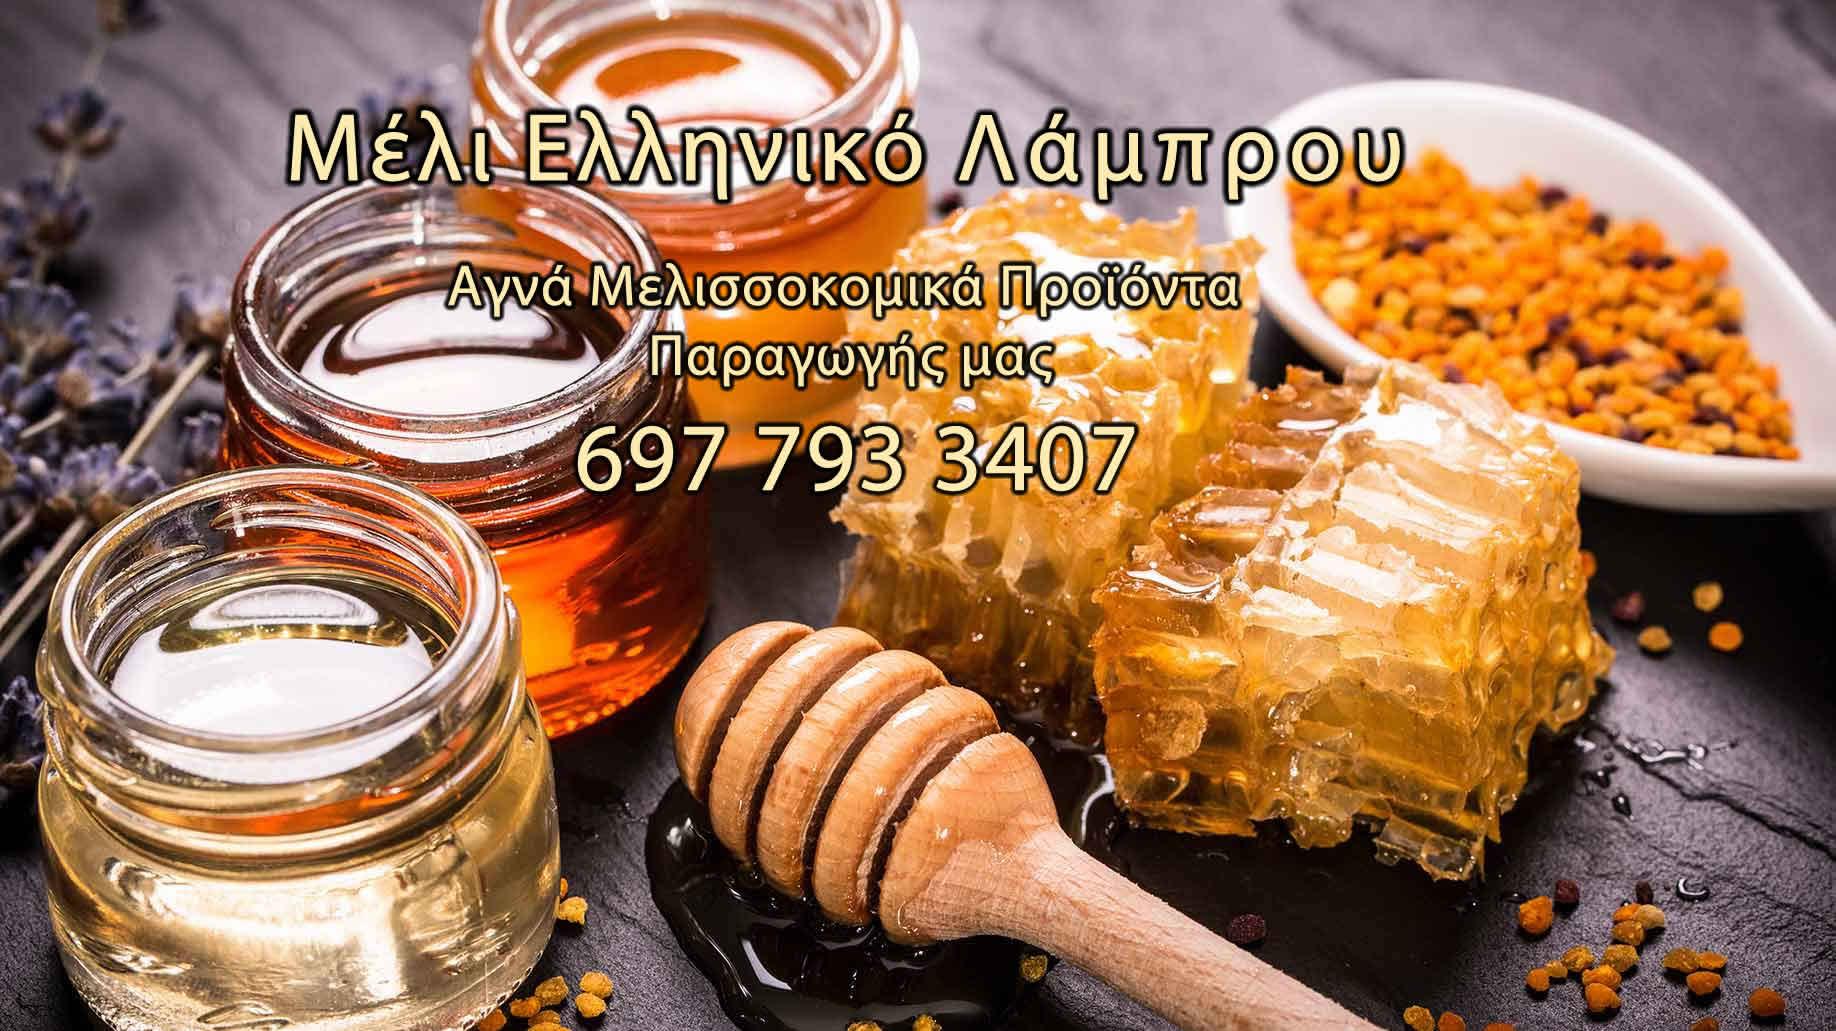 Μέλι Ελληνικής παραγωγής